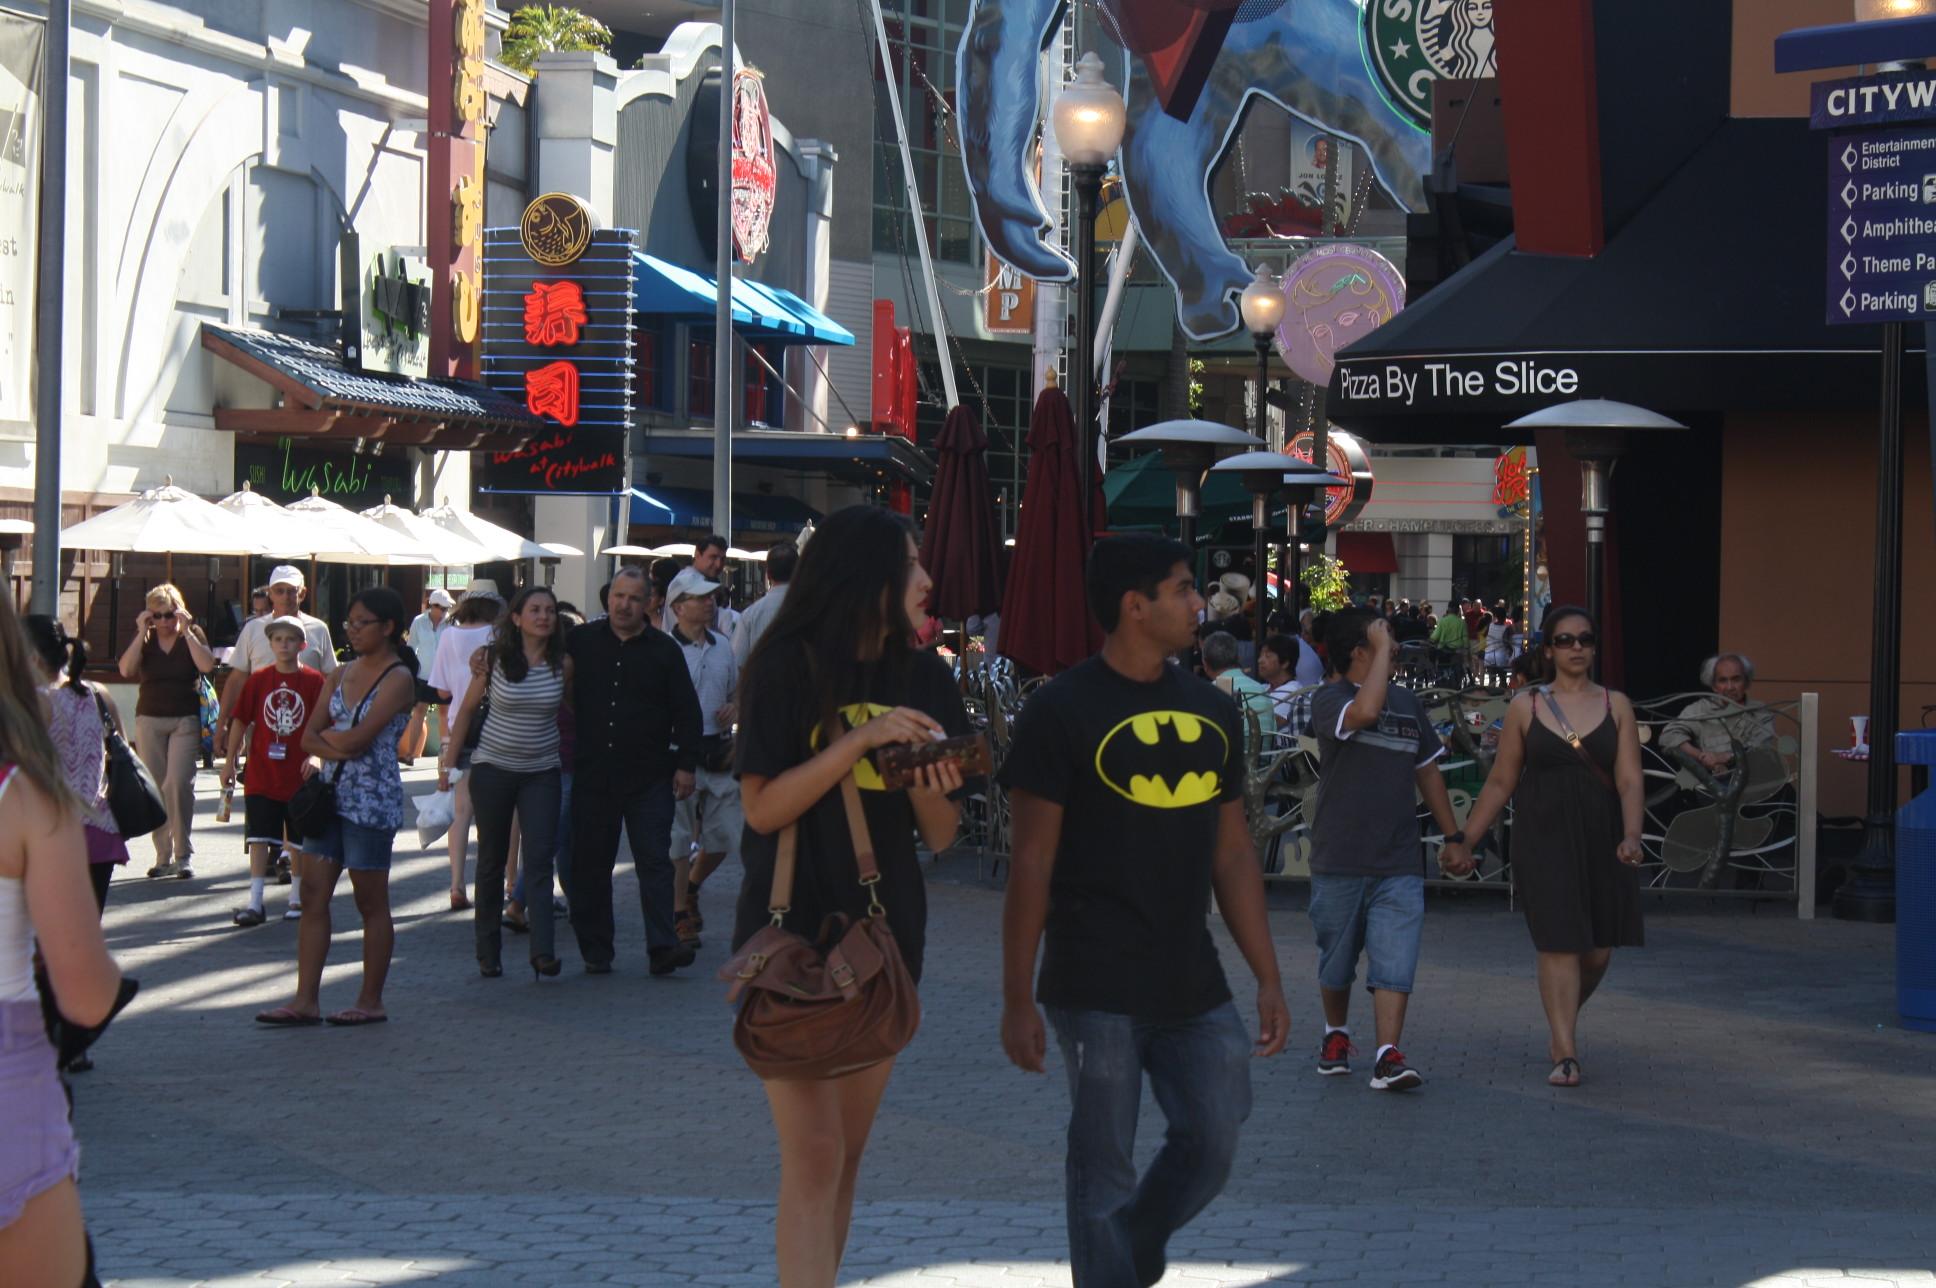 Fue un día de reflexión el viernes, pero eso no impidió a los admiradores de Batman llegar a ver la última película de la Trilogía de Christopher Nolan (Foto Agustín Durán/ El Pasajero).